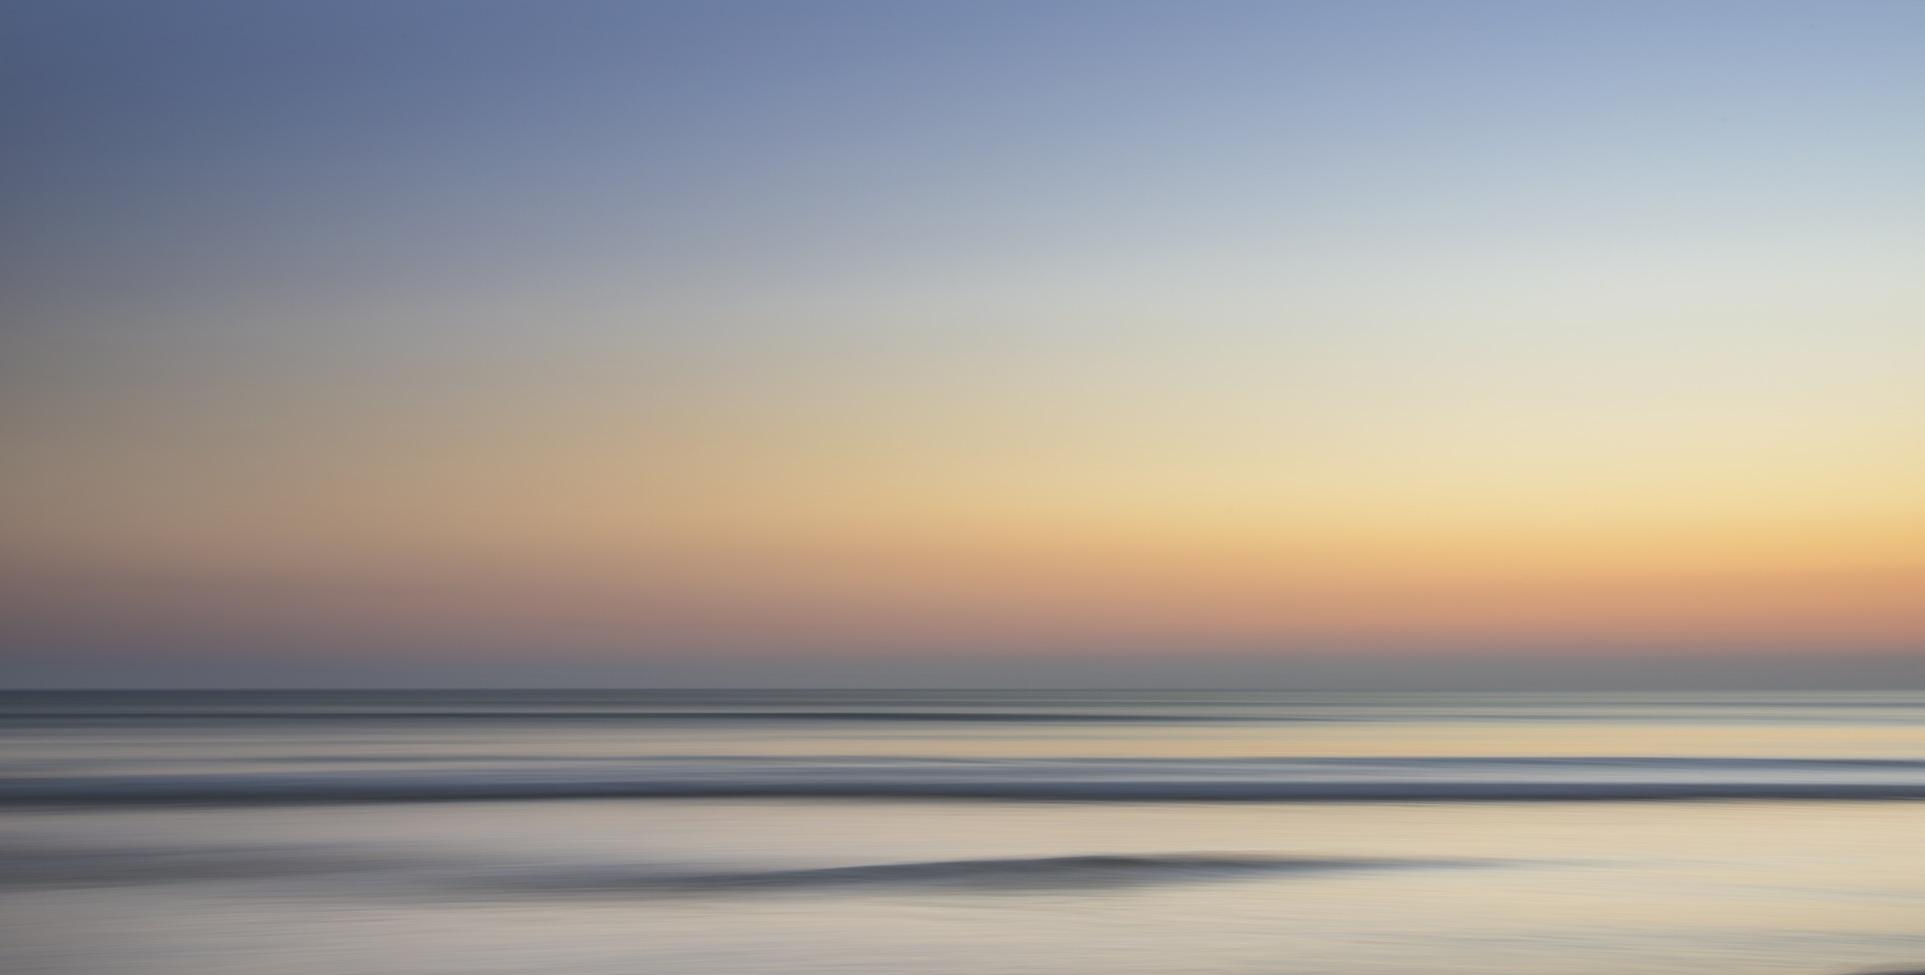 Bliss - calming sunset